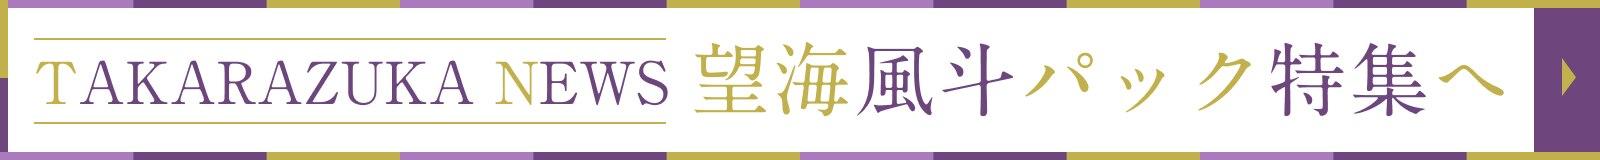 望海風斗出演の「タカラヅカニュース」